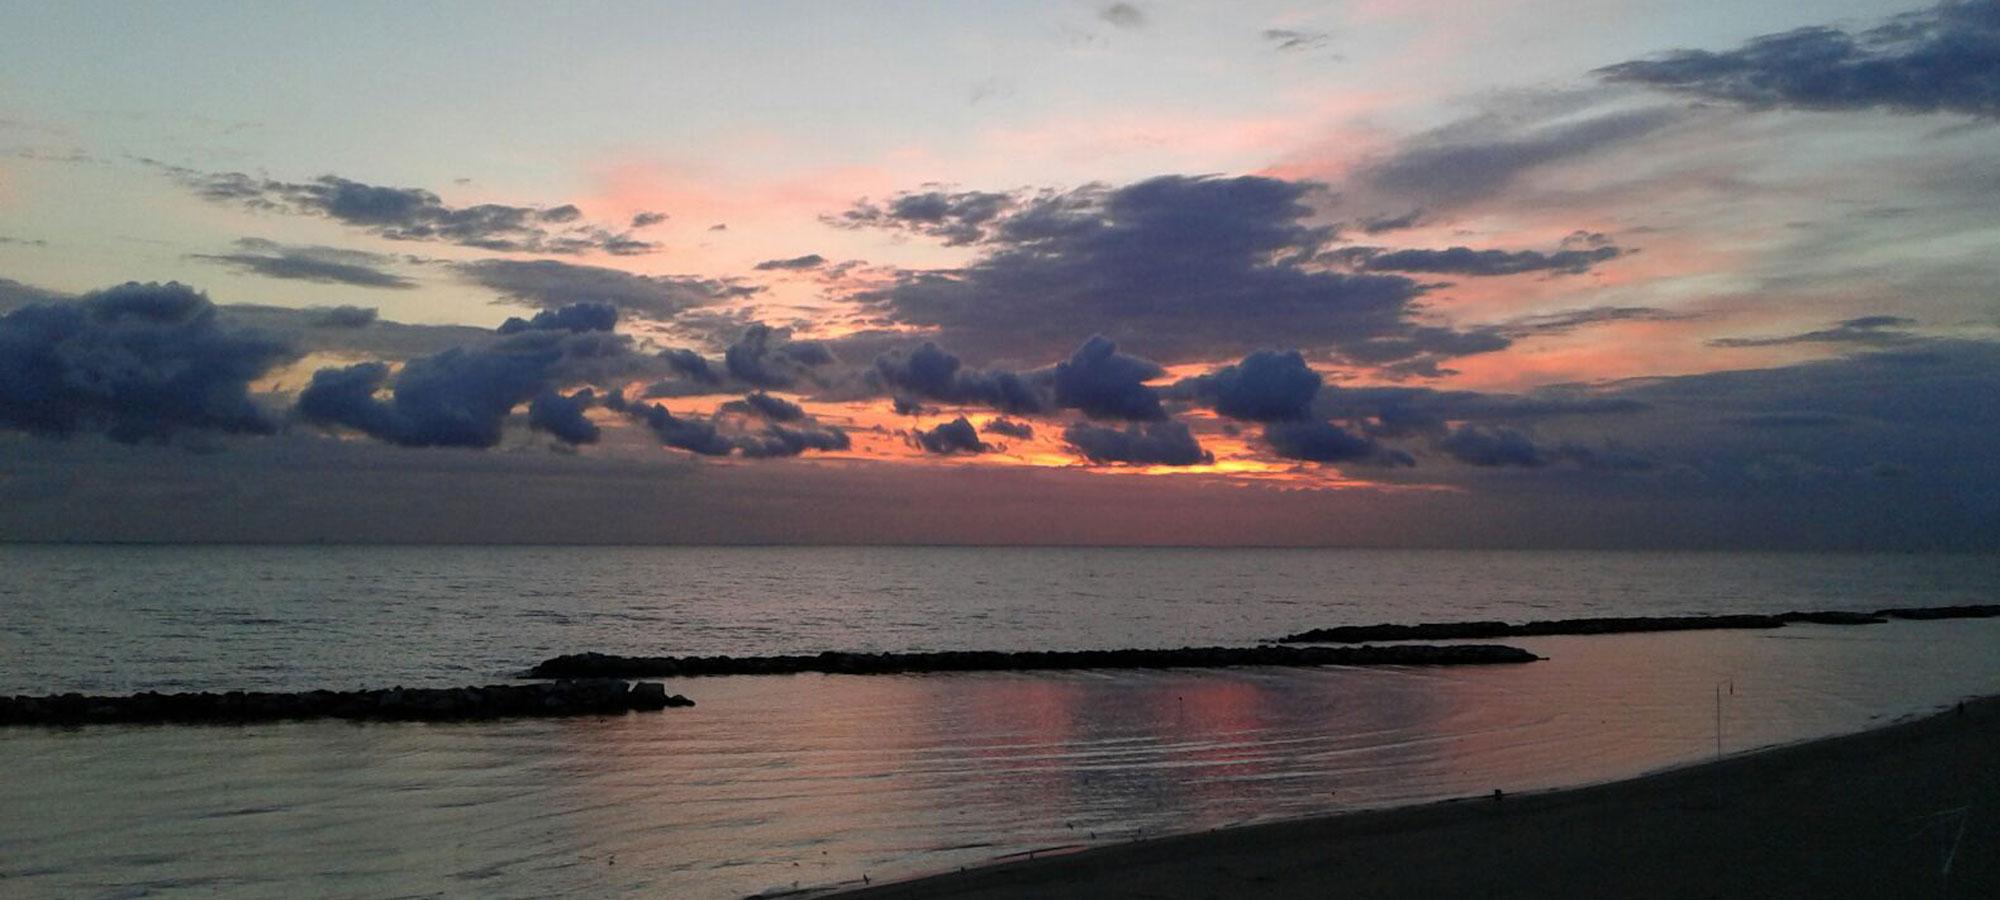 La webcam del baia resort di viserbella di rimini hotel baia - Web cam rimini bagno 55 ...